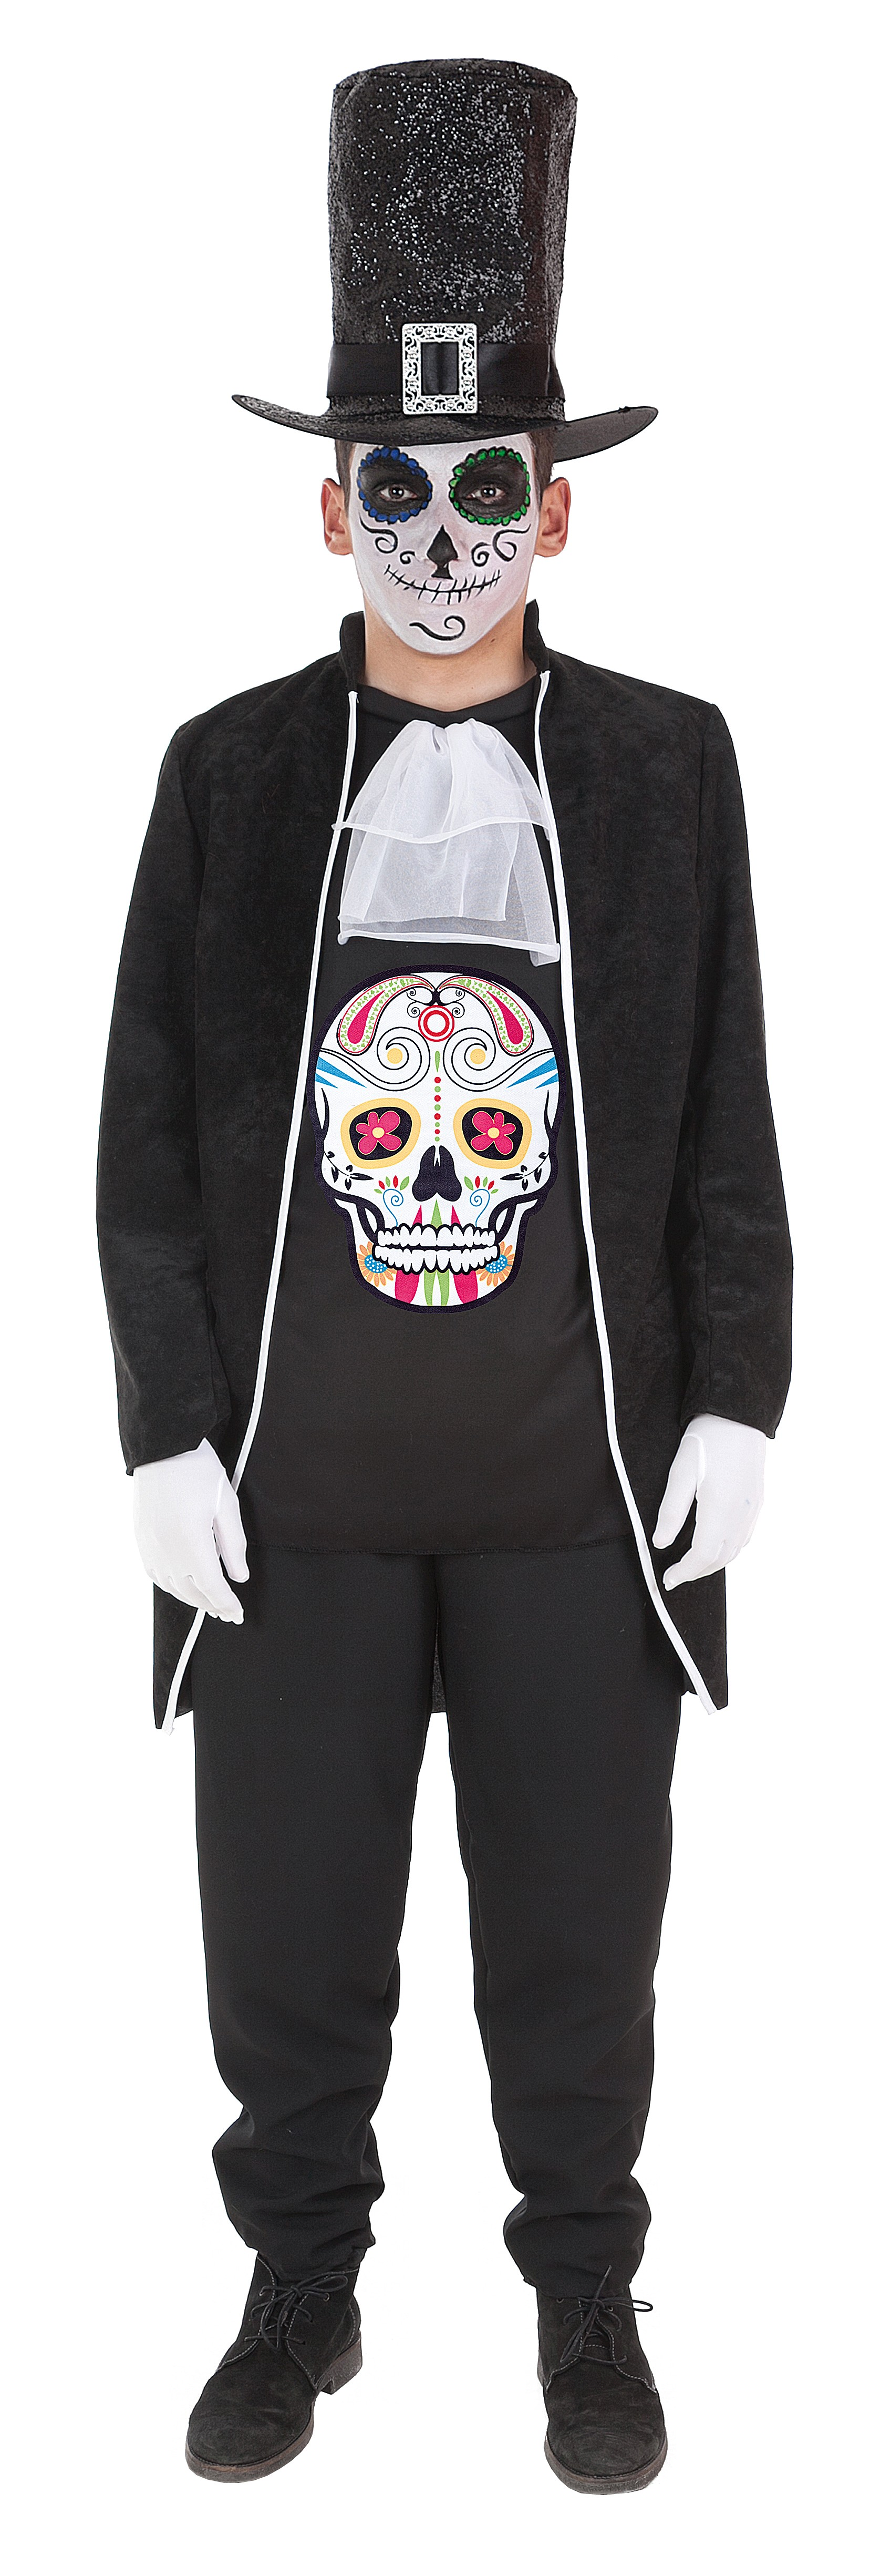 8b224b5b6 Disfraz de Calavera Mexicana con Chistera para Adulto - MiDisfraz